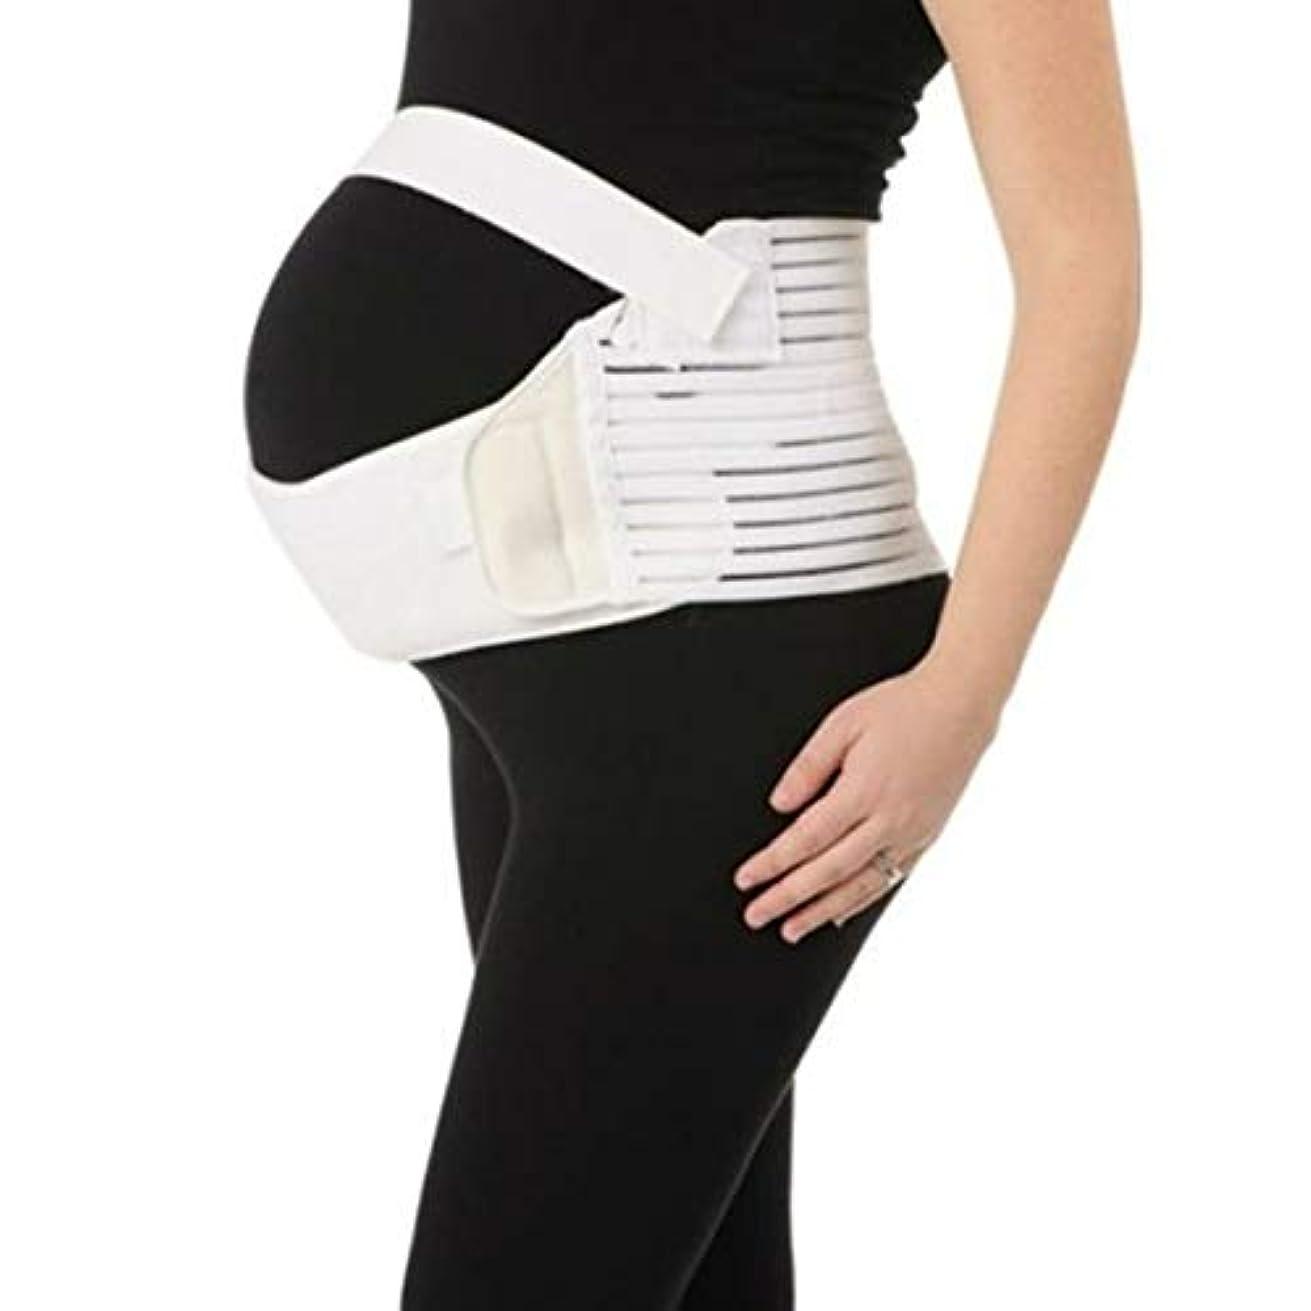 帝国主義欲求不満挨拶通気性マタニティベルト妊娠腹部サポート腹部バインダーガードル運動包帯産後回復形状ウェア - ホワイトXL